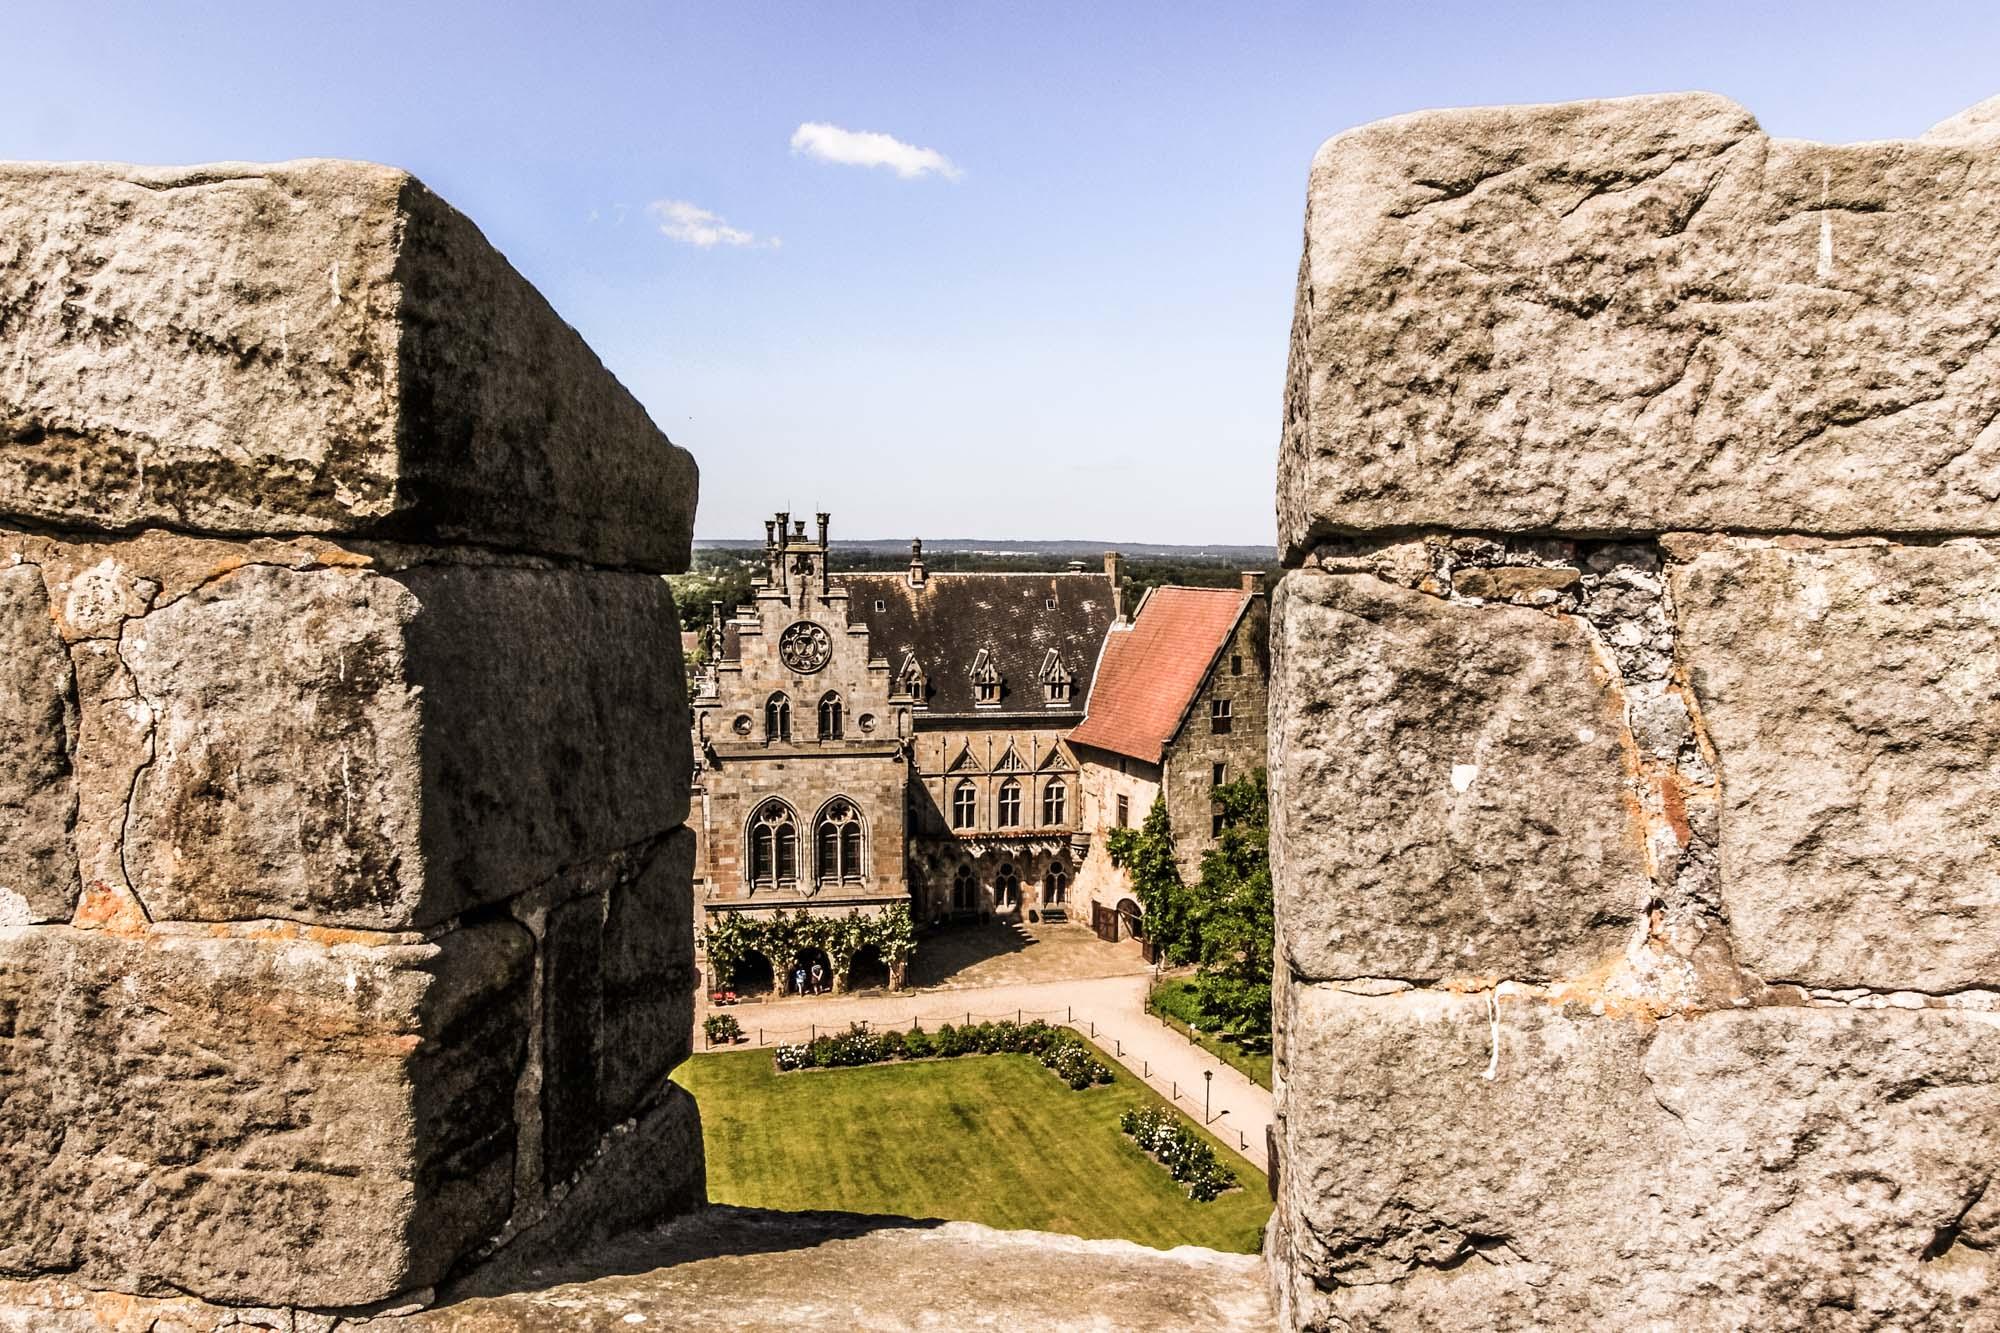 Innenhof der Burg Bentheim durch eine Zinne des Pulverturms gesehen ©Thomas Wallmeyer